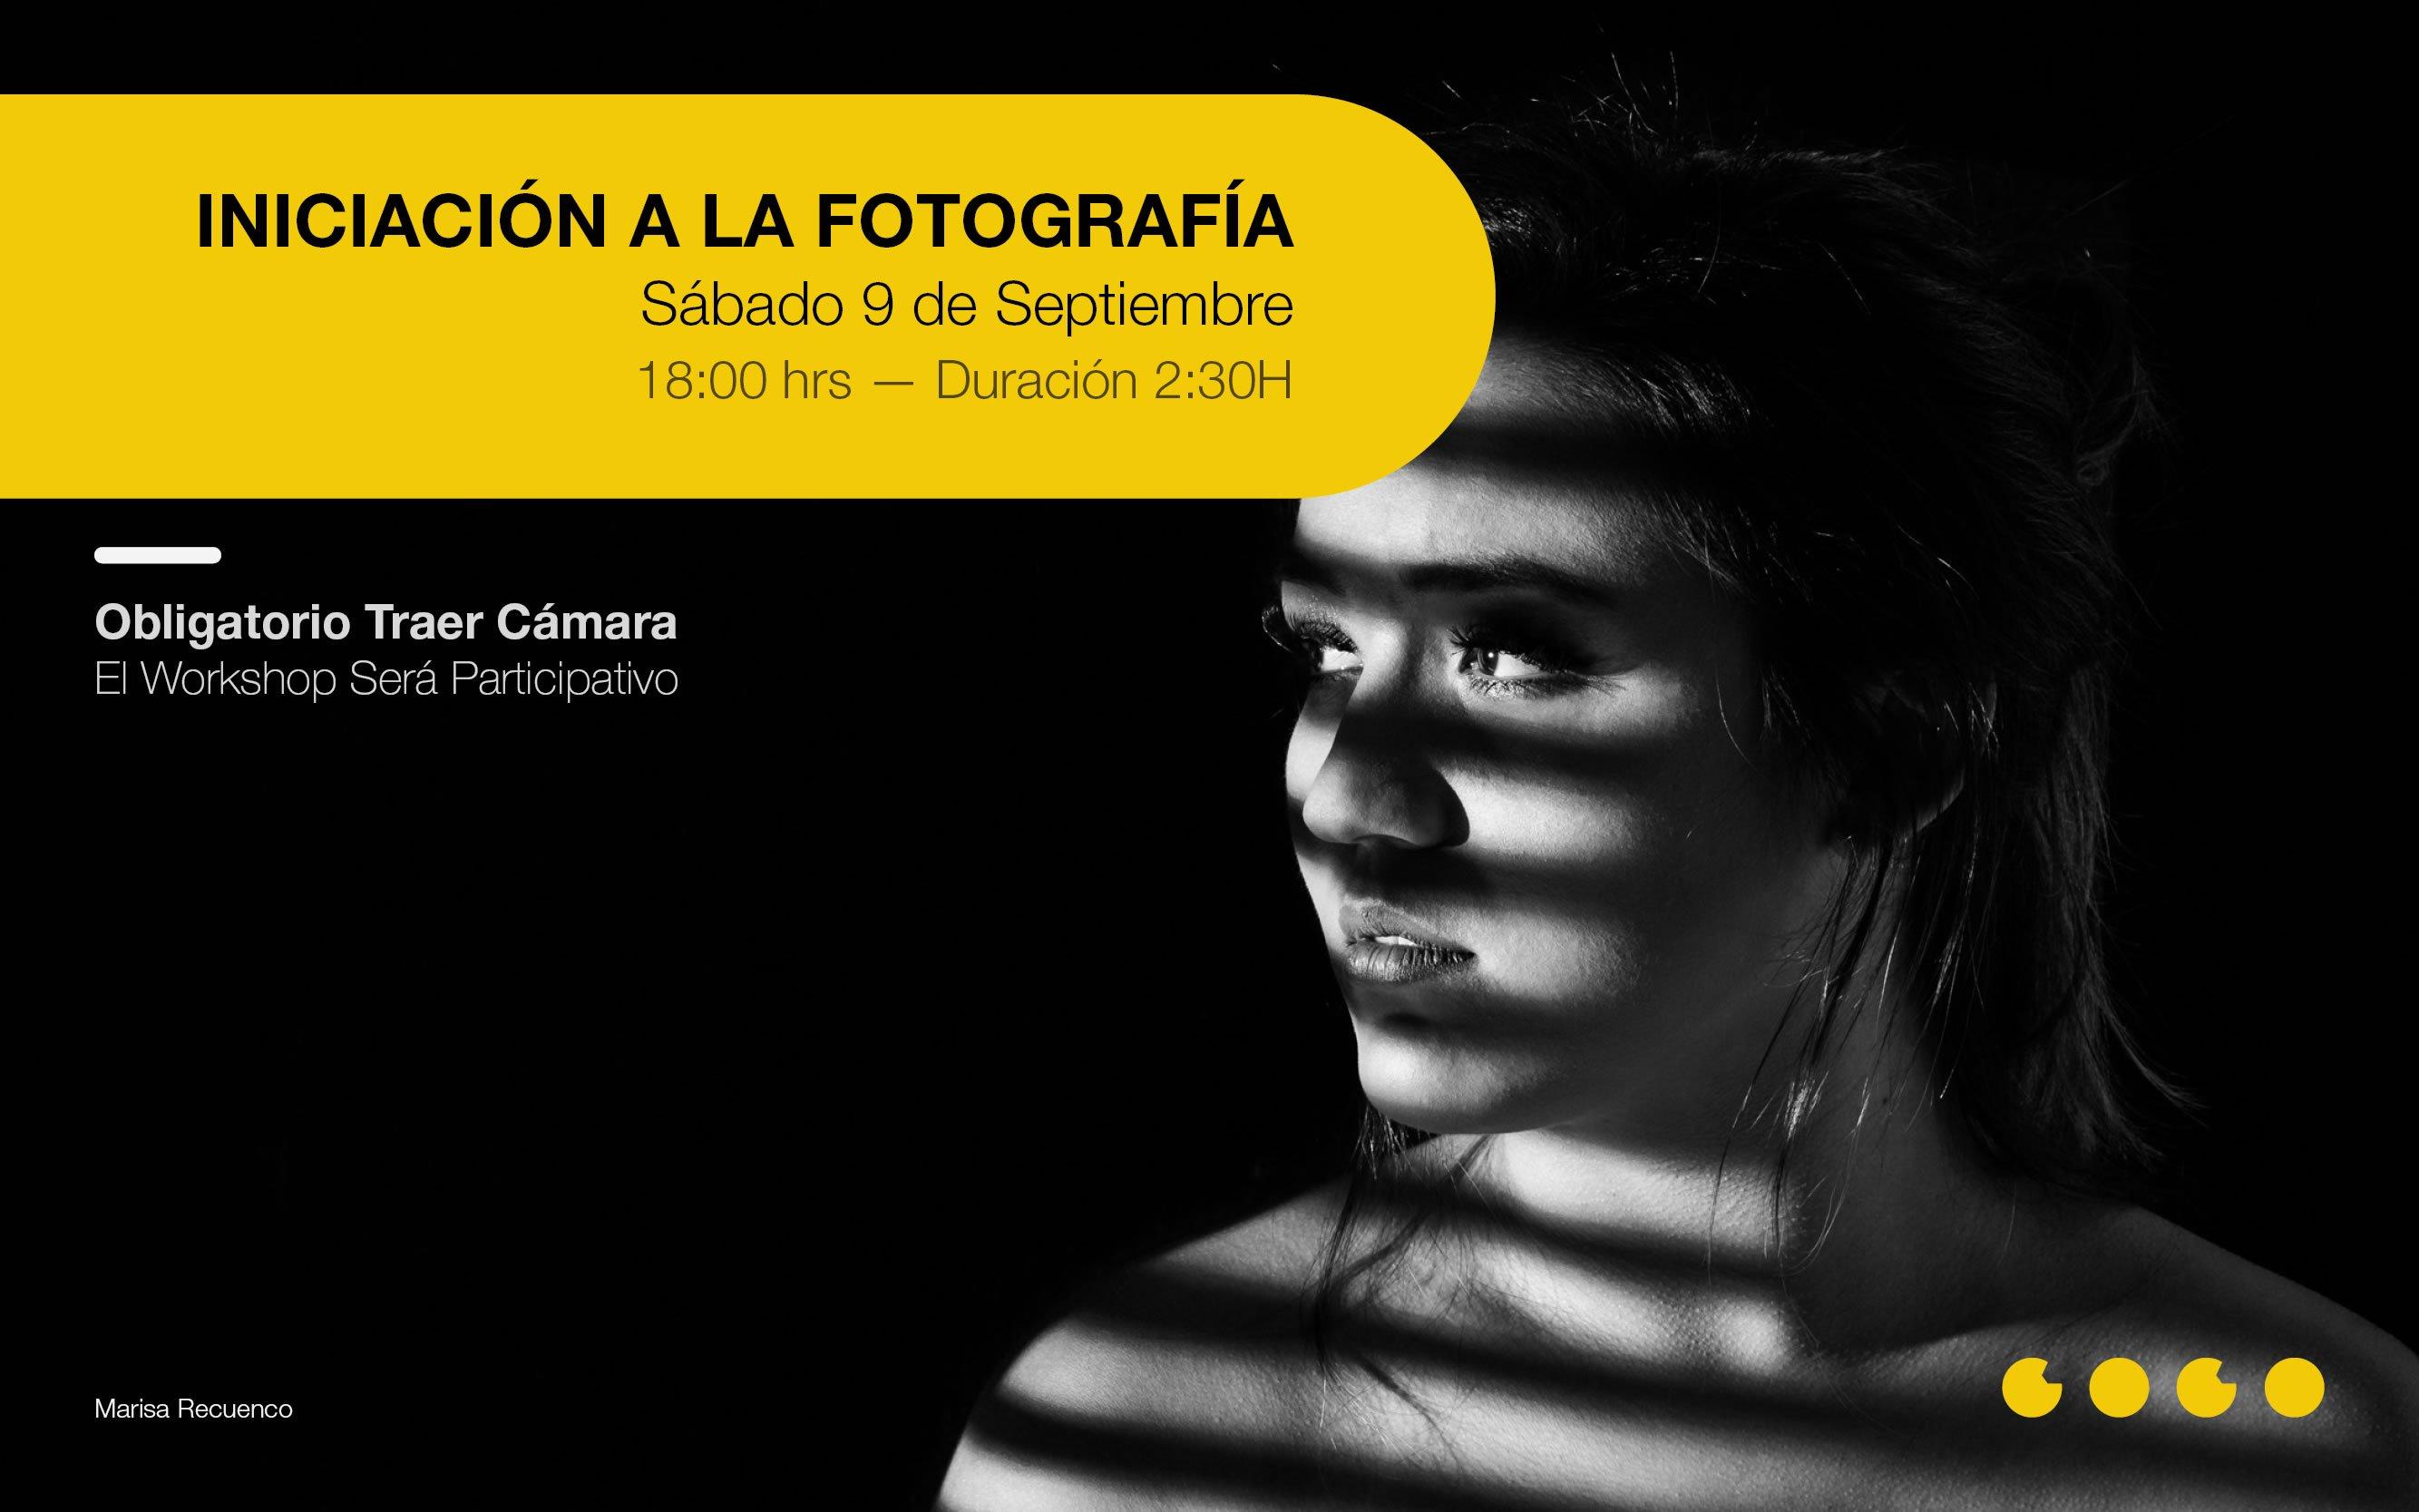 Workshop Iniciación a la Fotografía